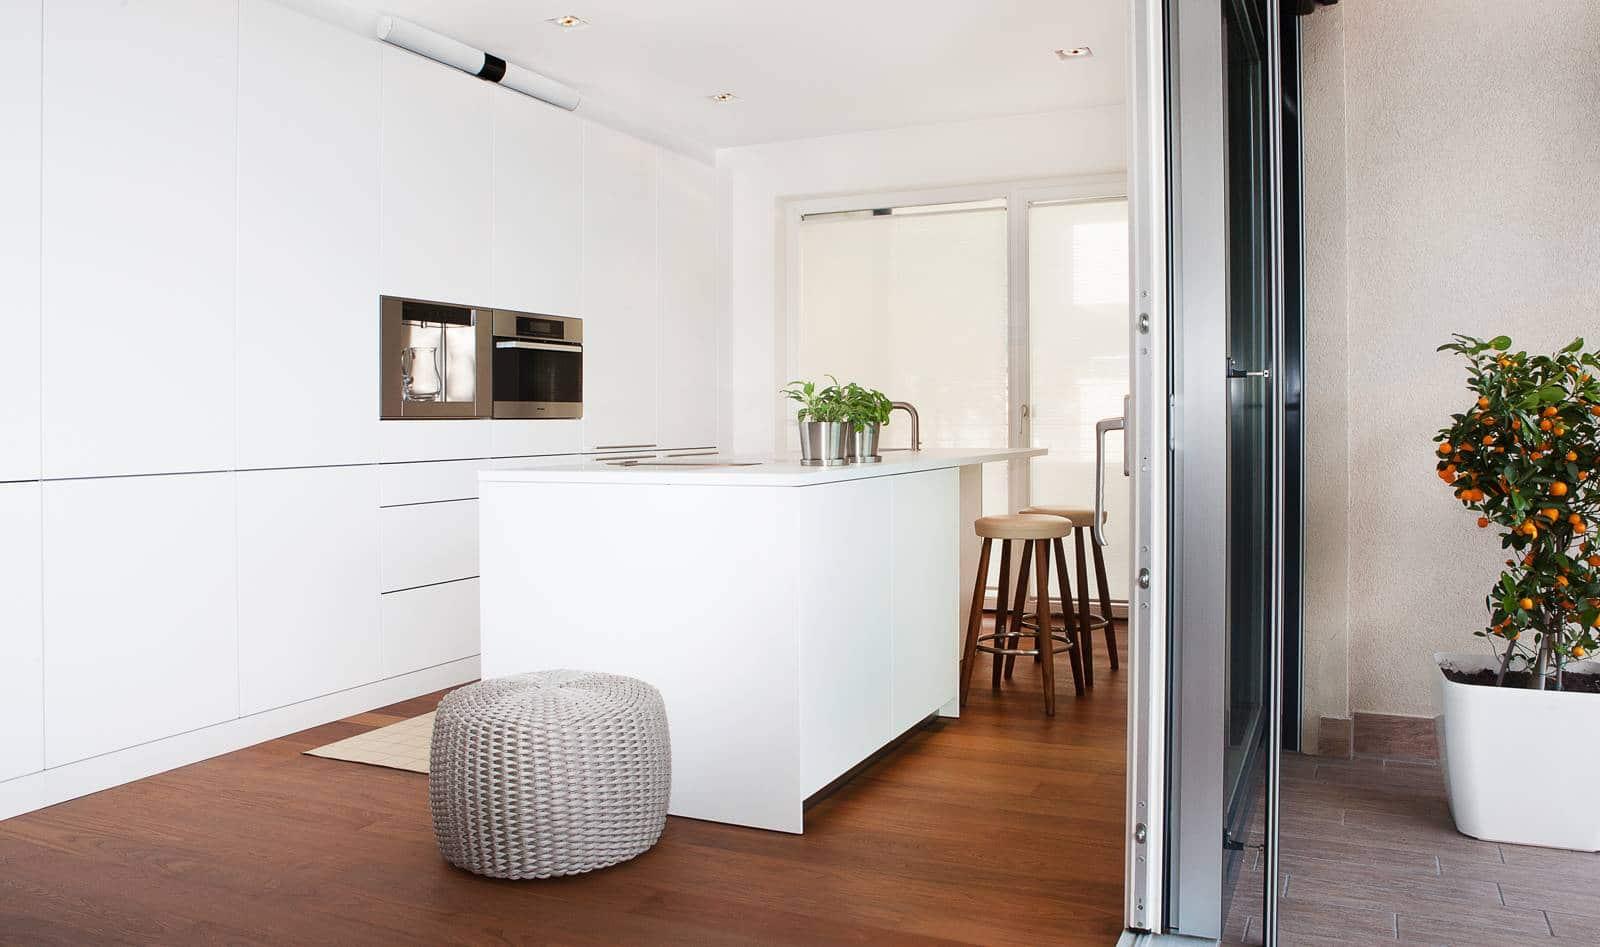 Dise o de planos de apartamento e interior construye hogar - Televisor para cocina ...